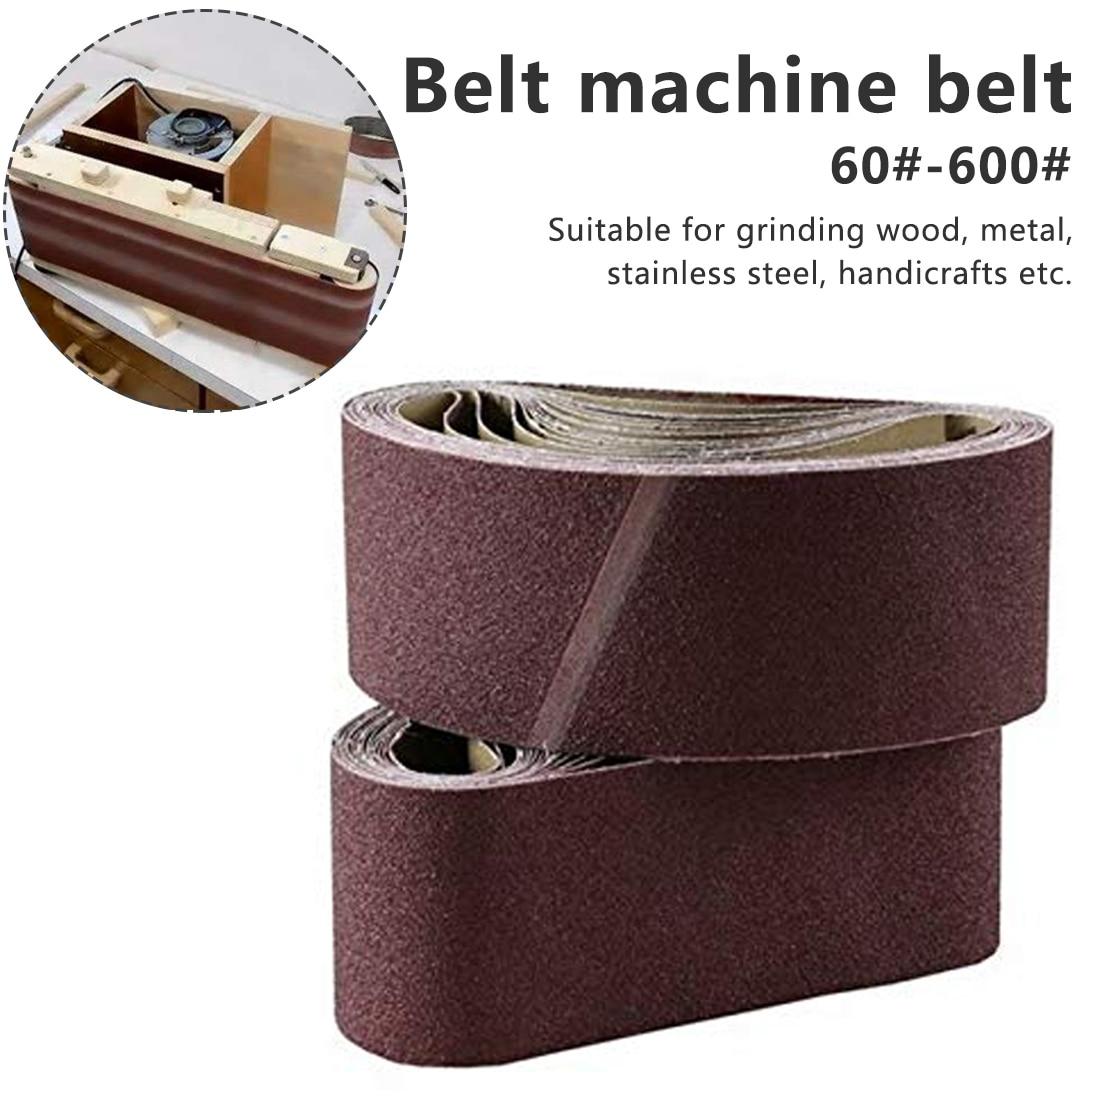 Bandes de ponçage P60-P600, bandes de ponçage 915*98mm bande de ponçage abrasif pour le bois, bande Abrasive pour le polissage des métaux souples